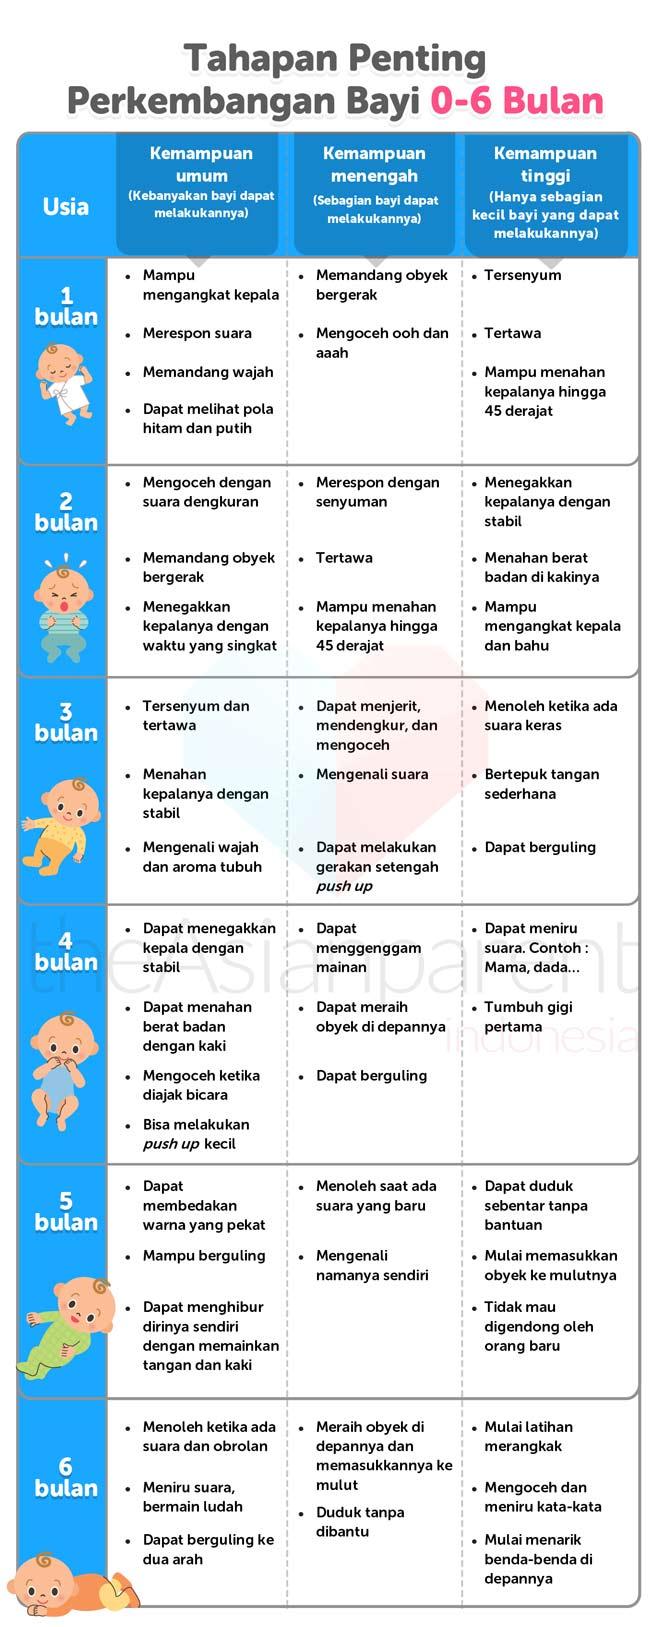 IH017 - Tabel Tumbuh Kembang Bayi 0-6 Bulan